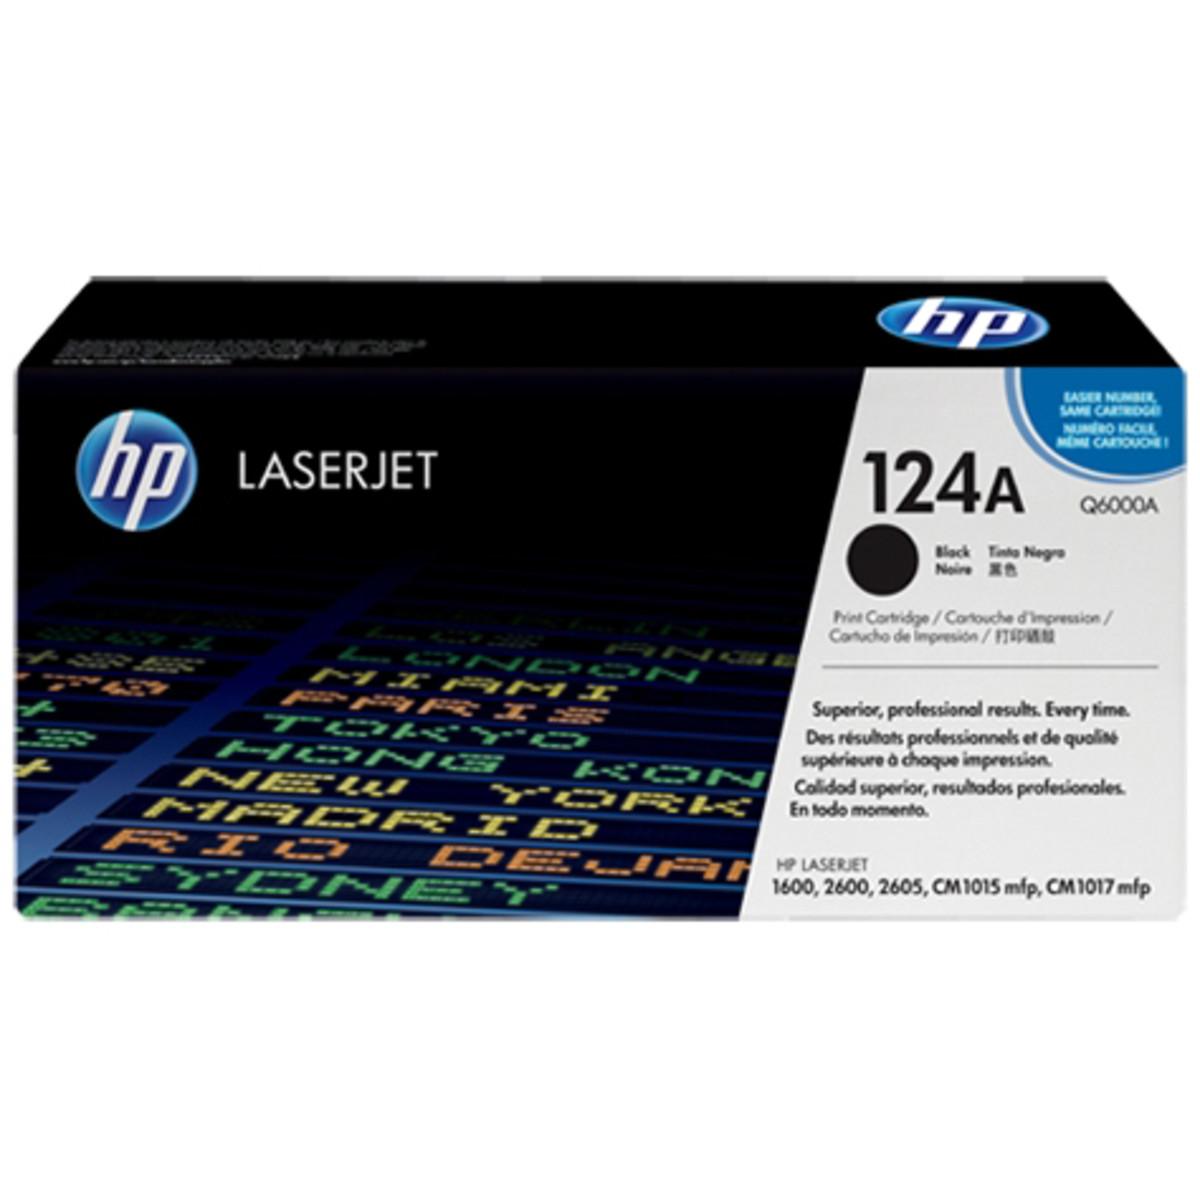 HP 124A (Q6000A) Black Toner Cartridge